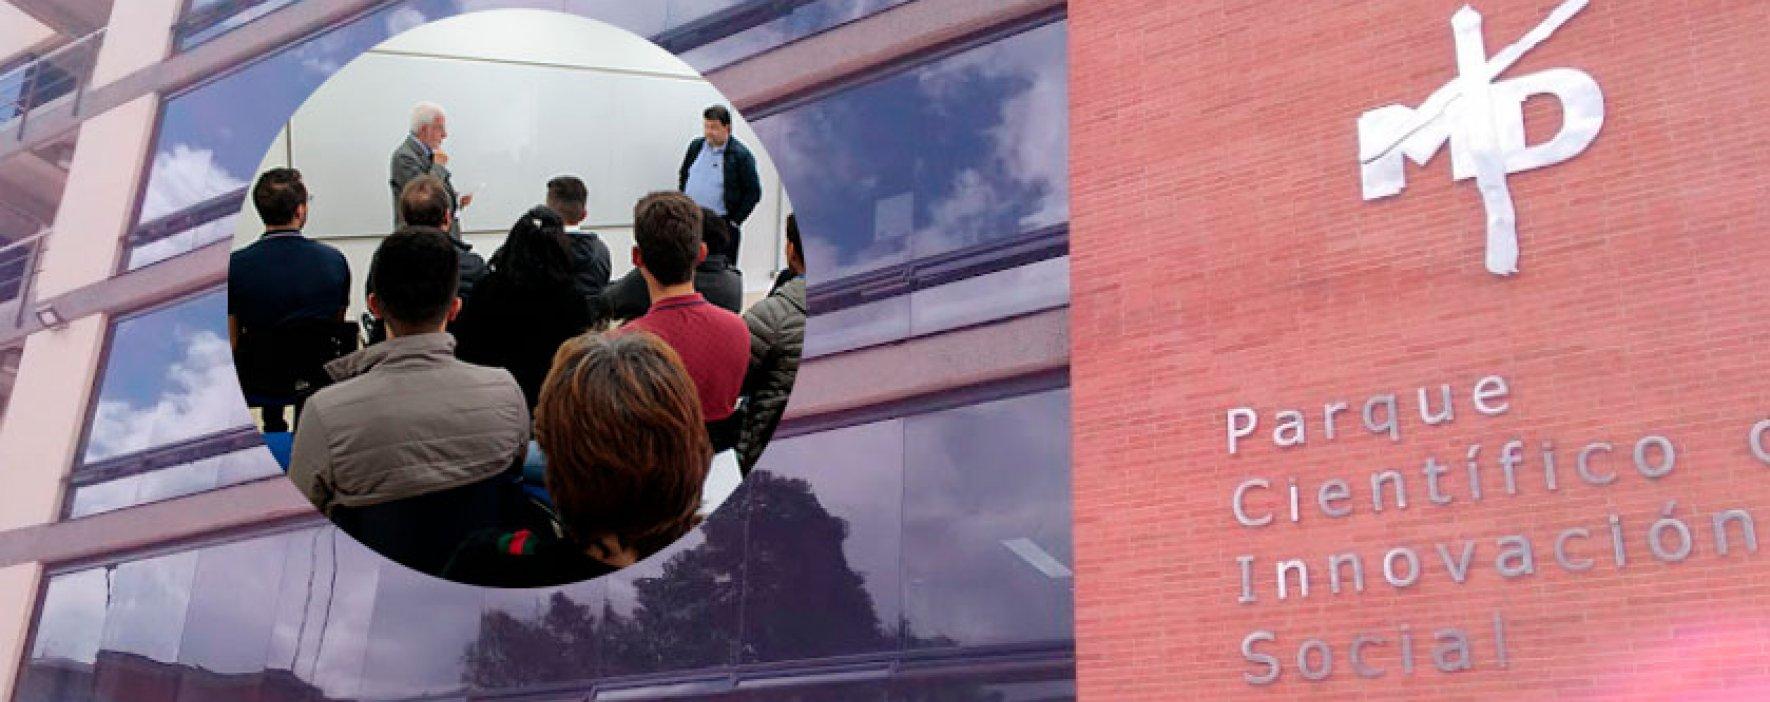 SinaPCIS; un encuentro de innovación social